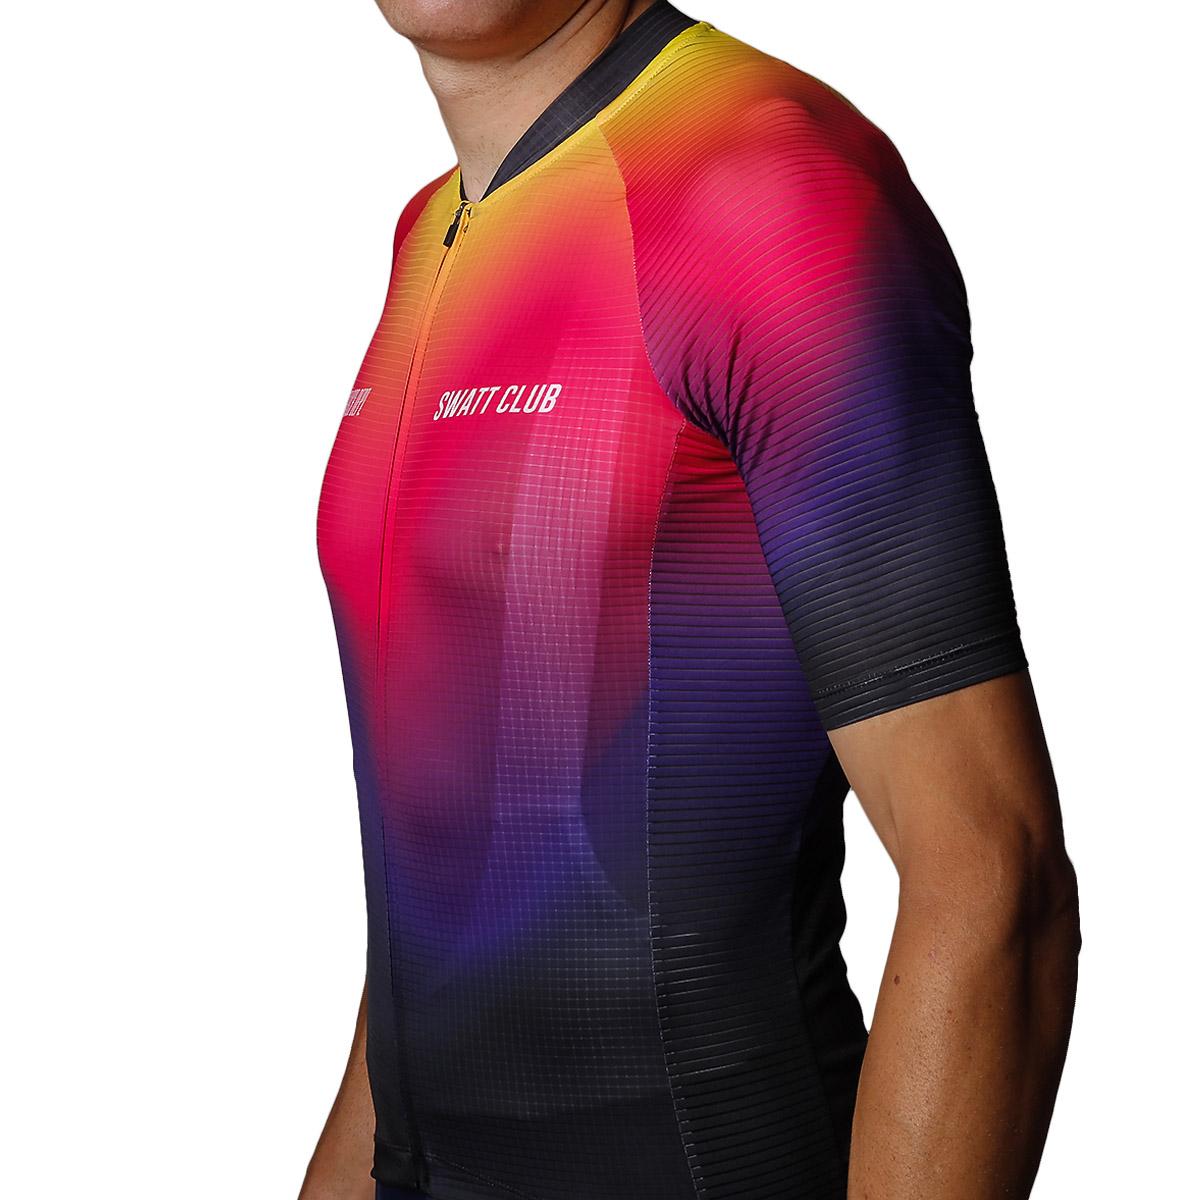 Solero jersey swatt club solowattaggio